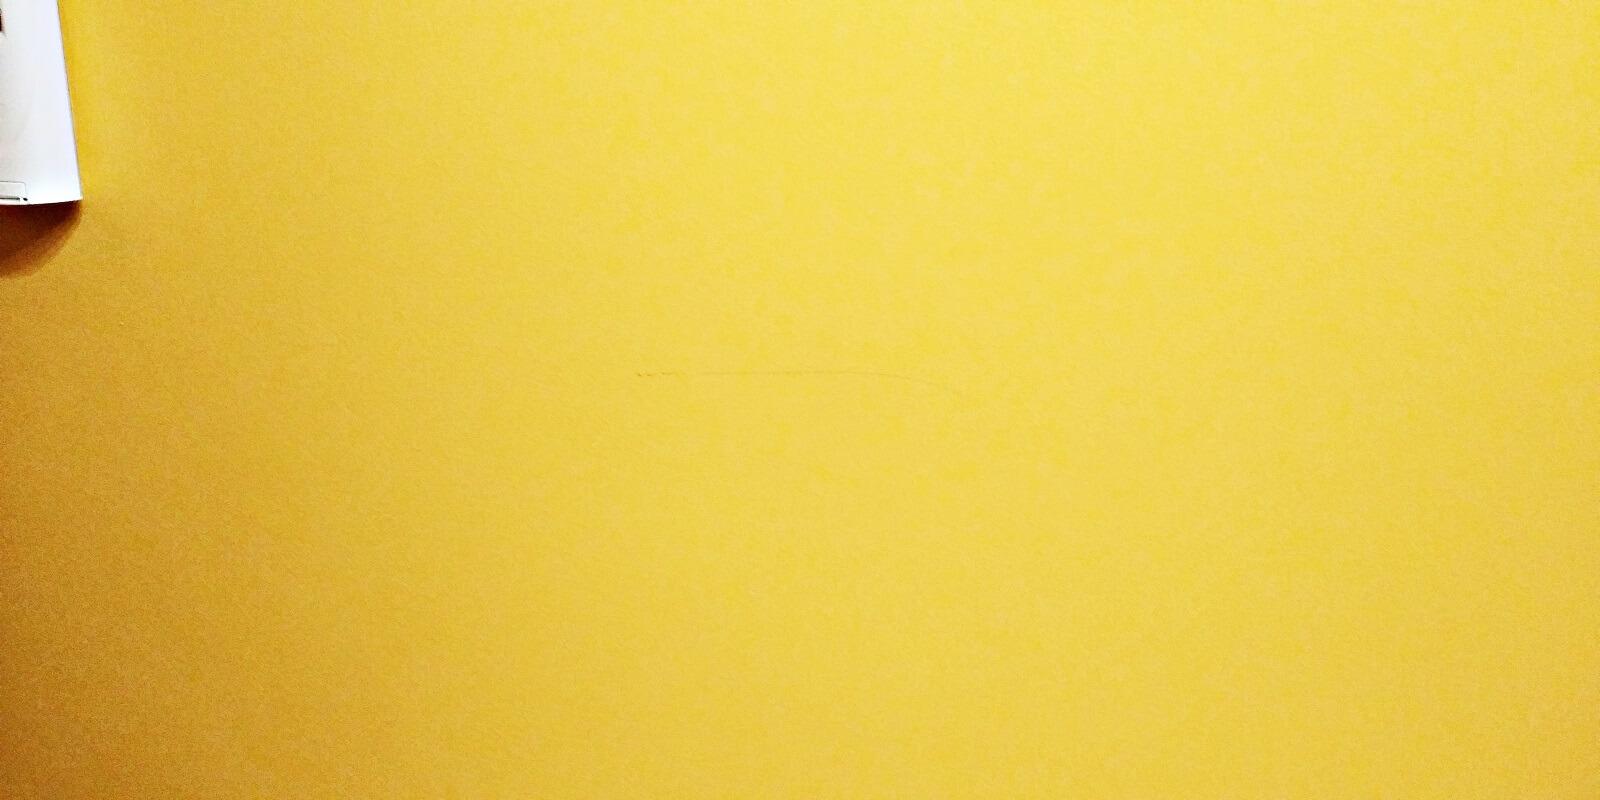 Otarcia od kurtek na kolorze Miodowy Amber